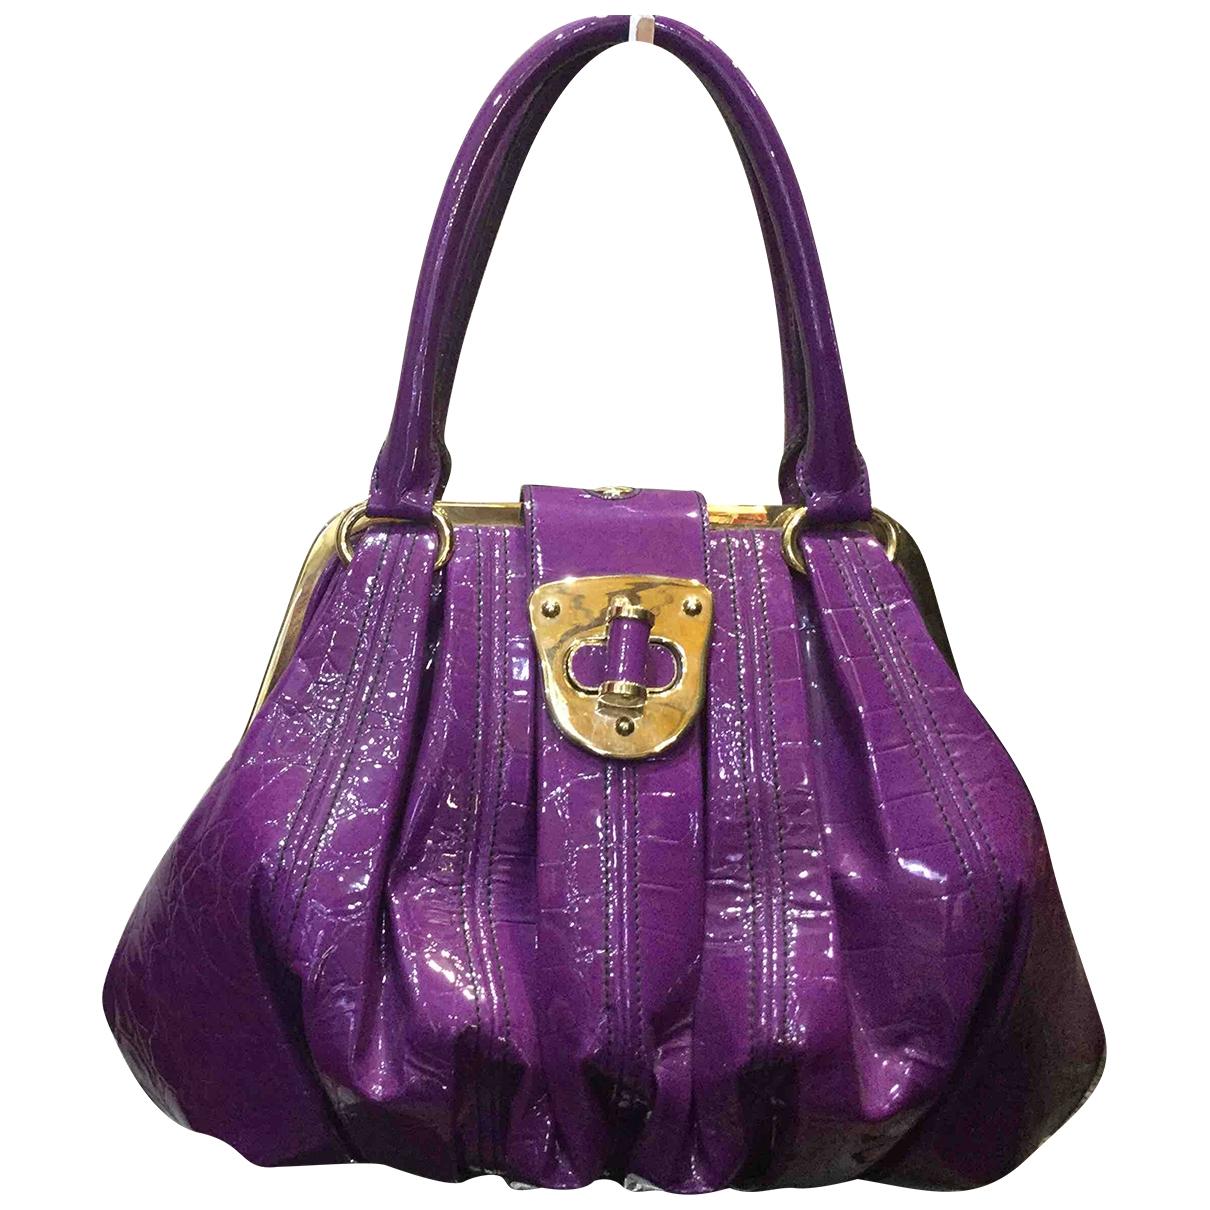 Alexander Mcqueen \N Handtasche in  Lila Lackleder